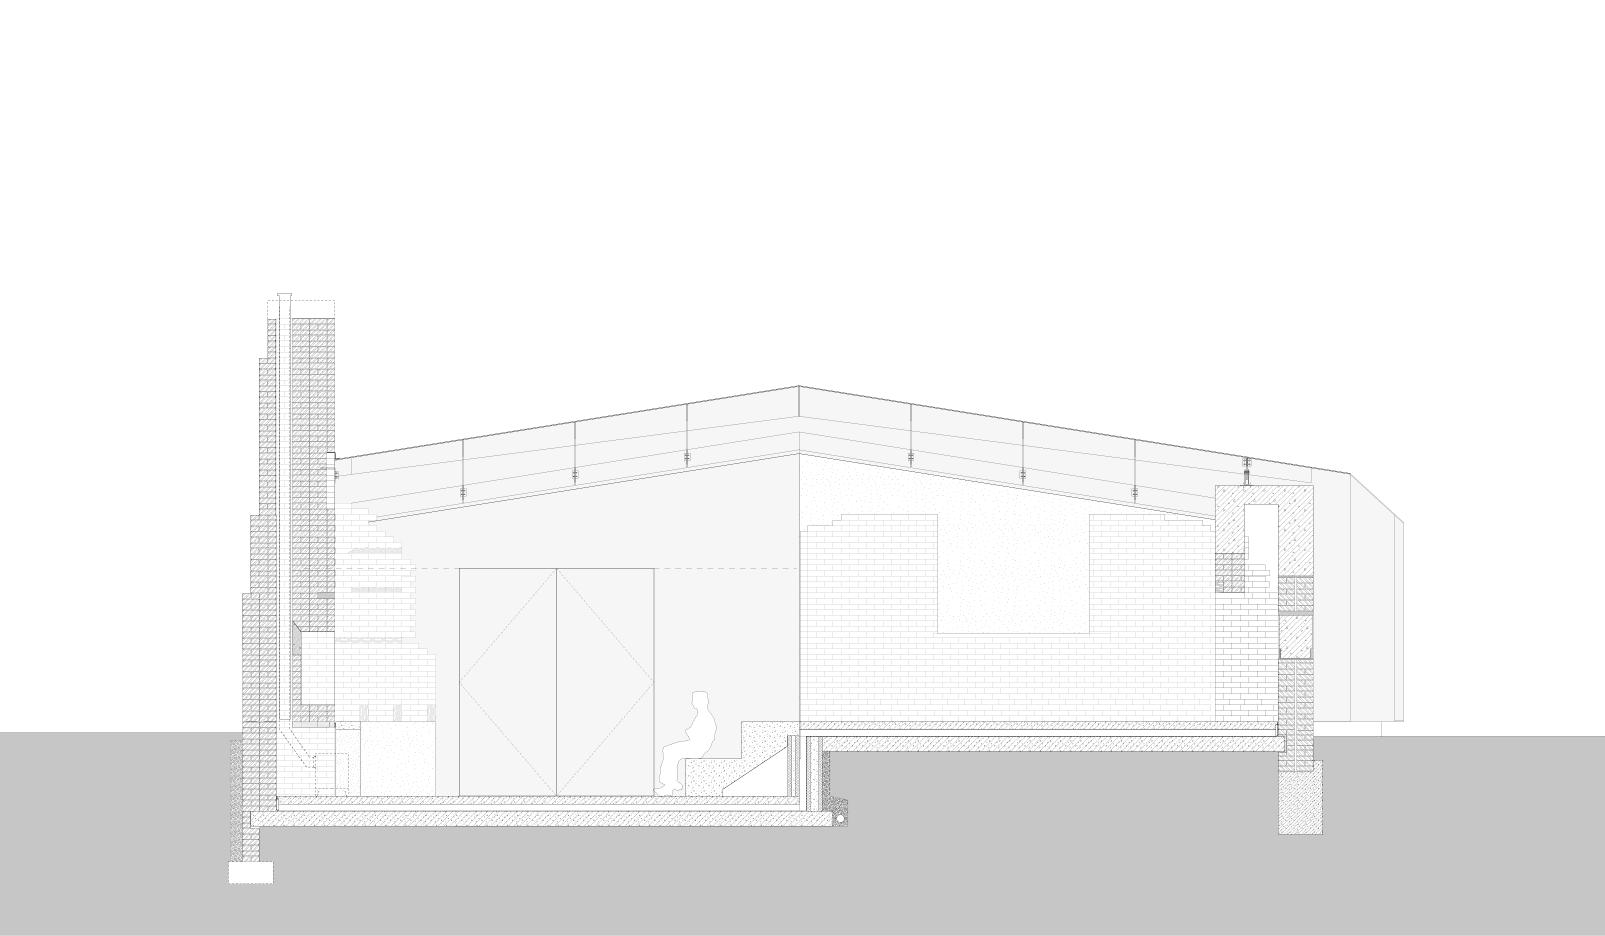 carmody_groarke_two_pavilions_2.png